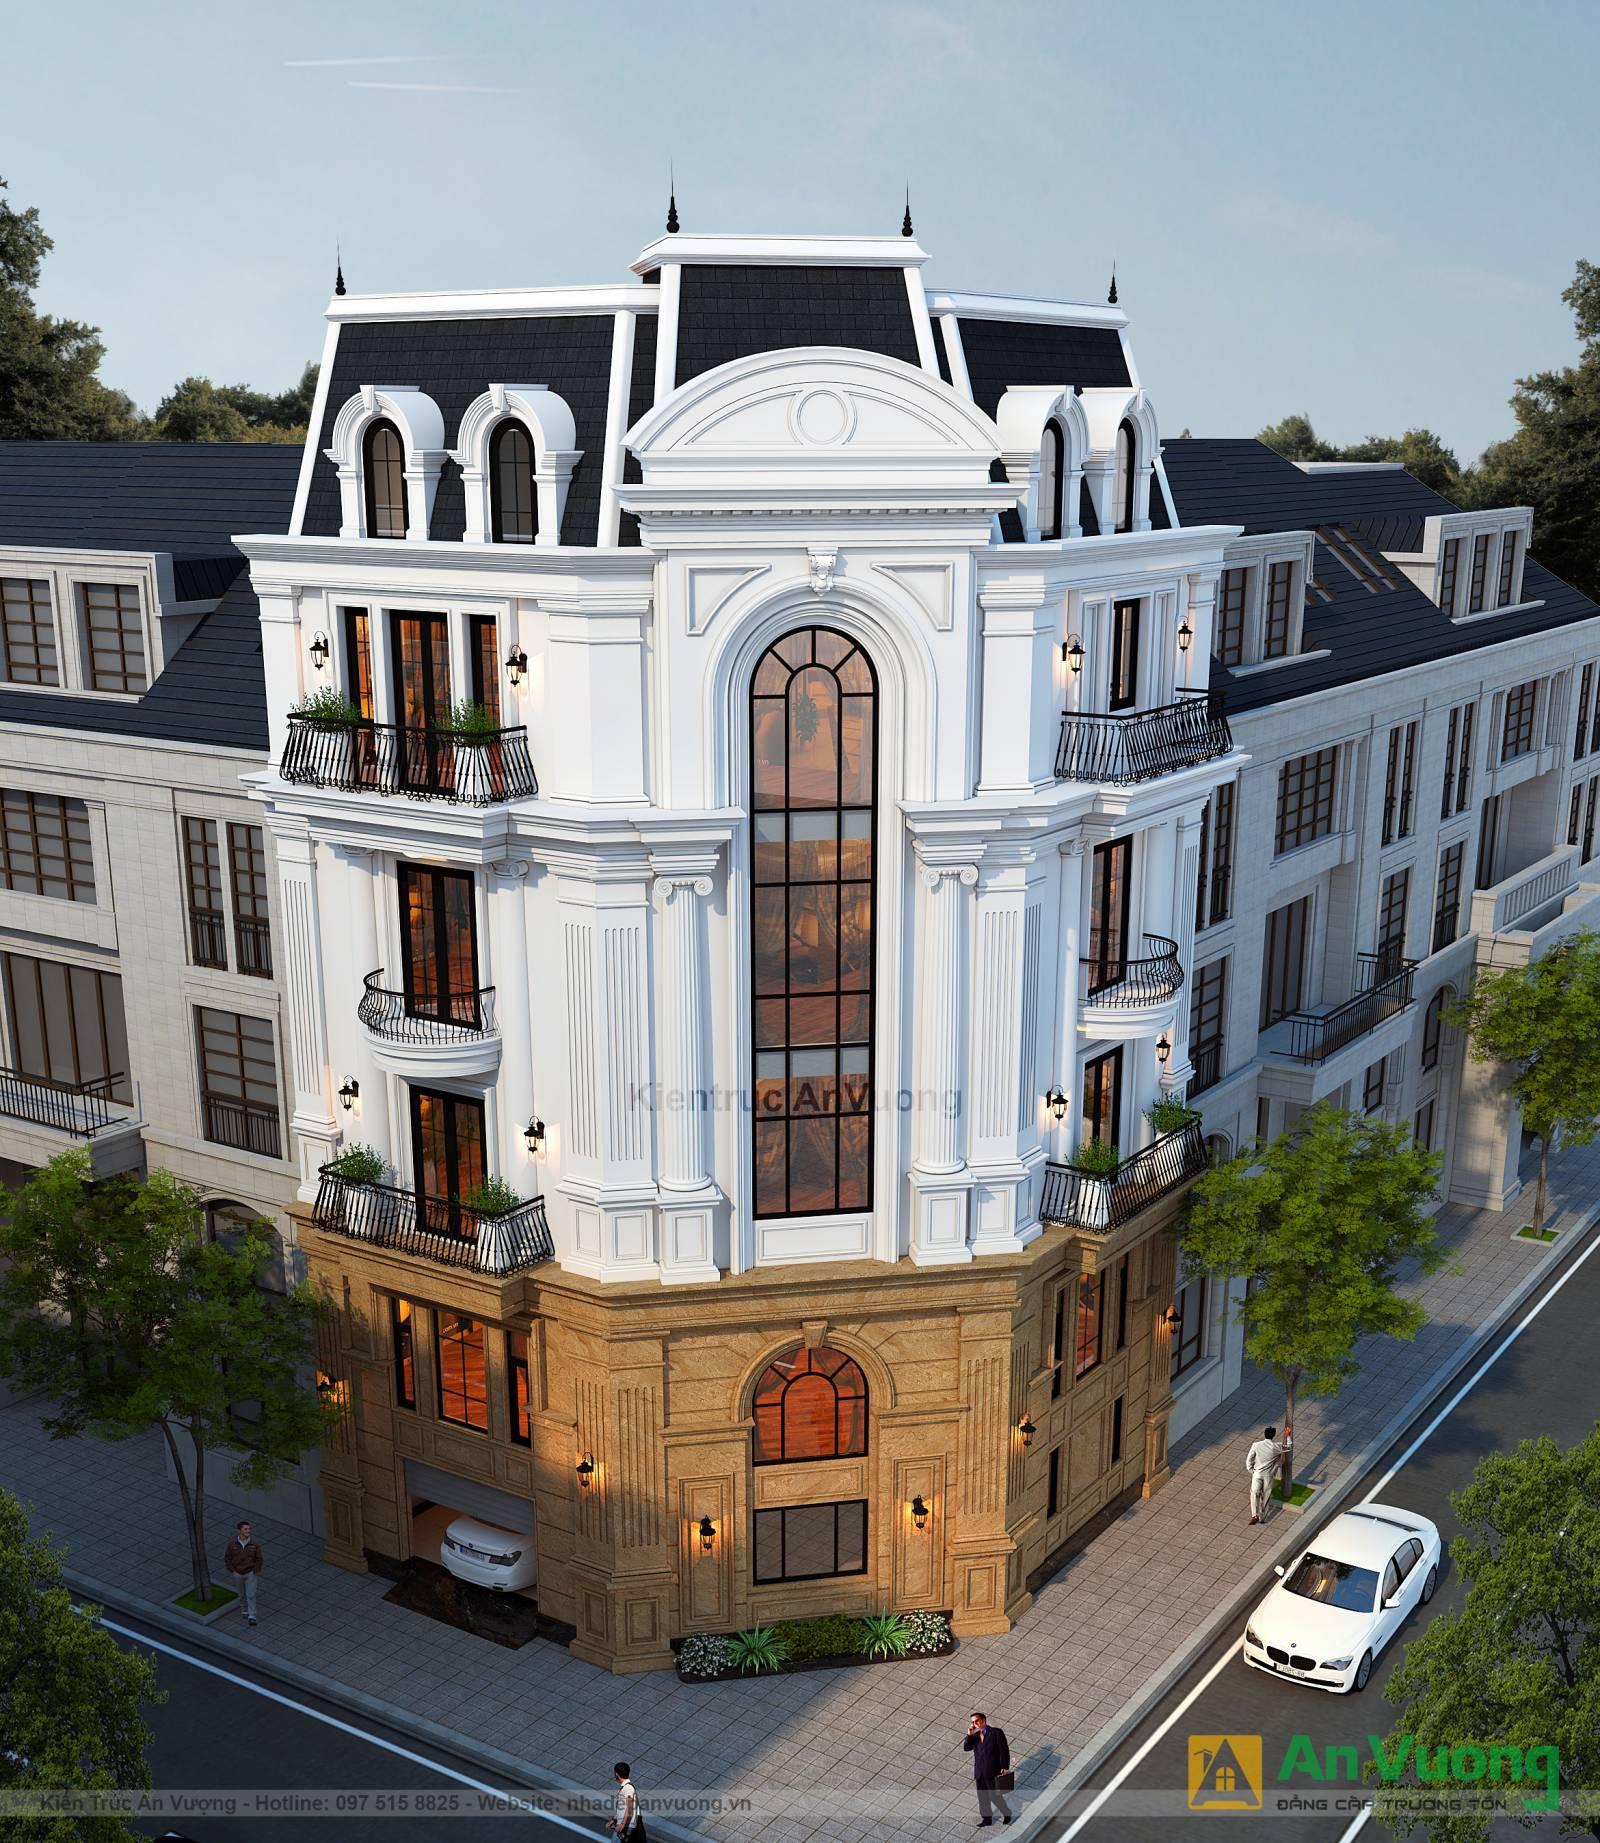 Mẫu thiết kế cải tạo biệt thự 5 tầng kiến trúc tân cổ điển ở Hà Nội